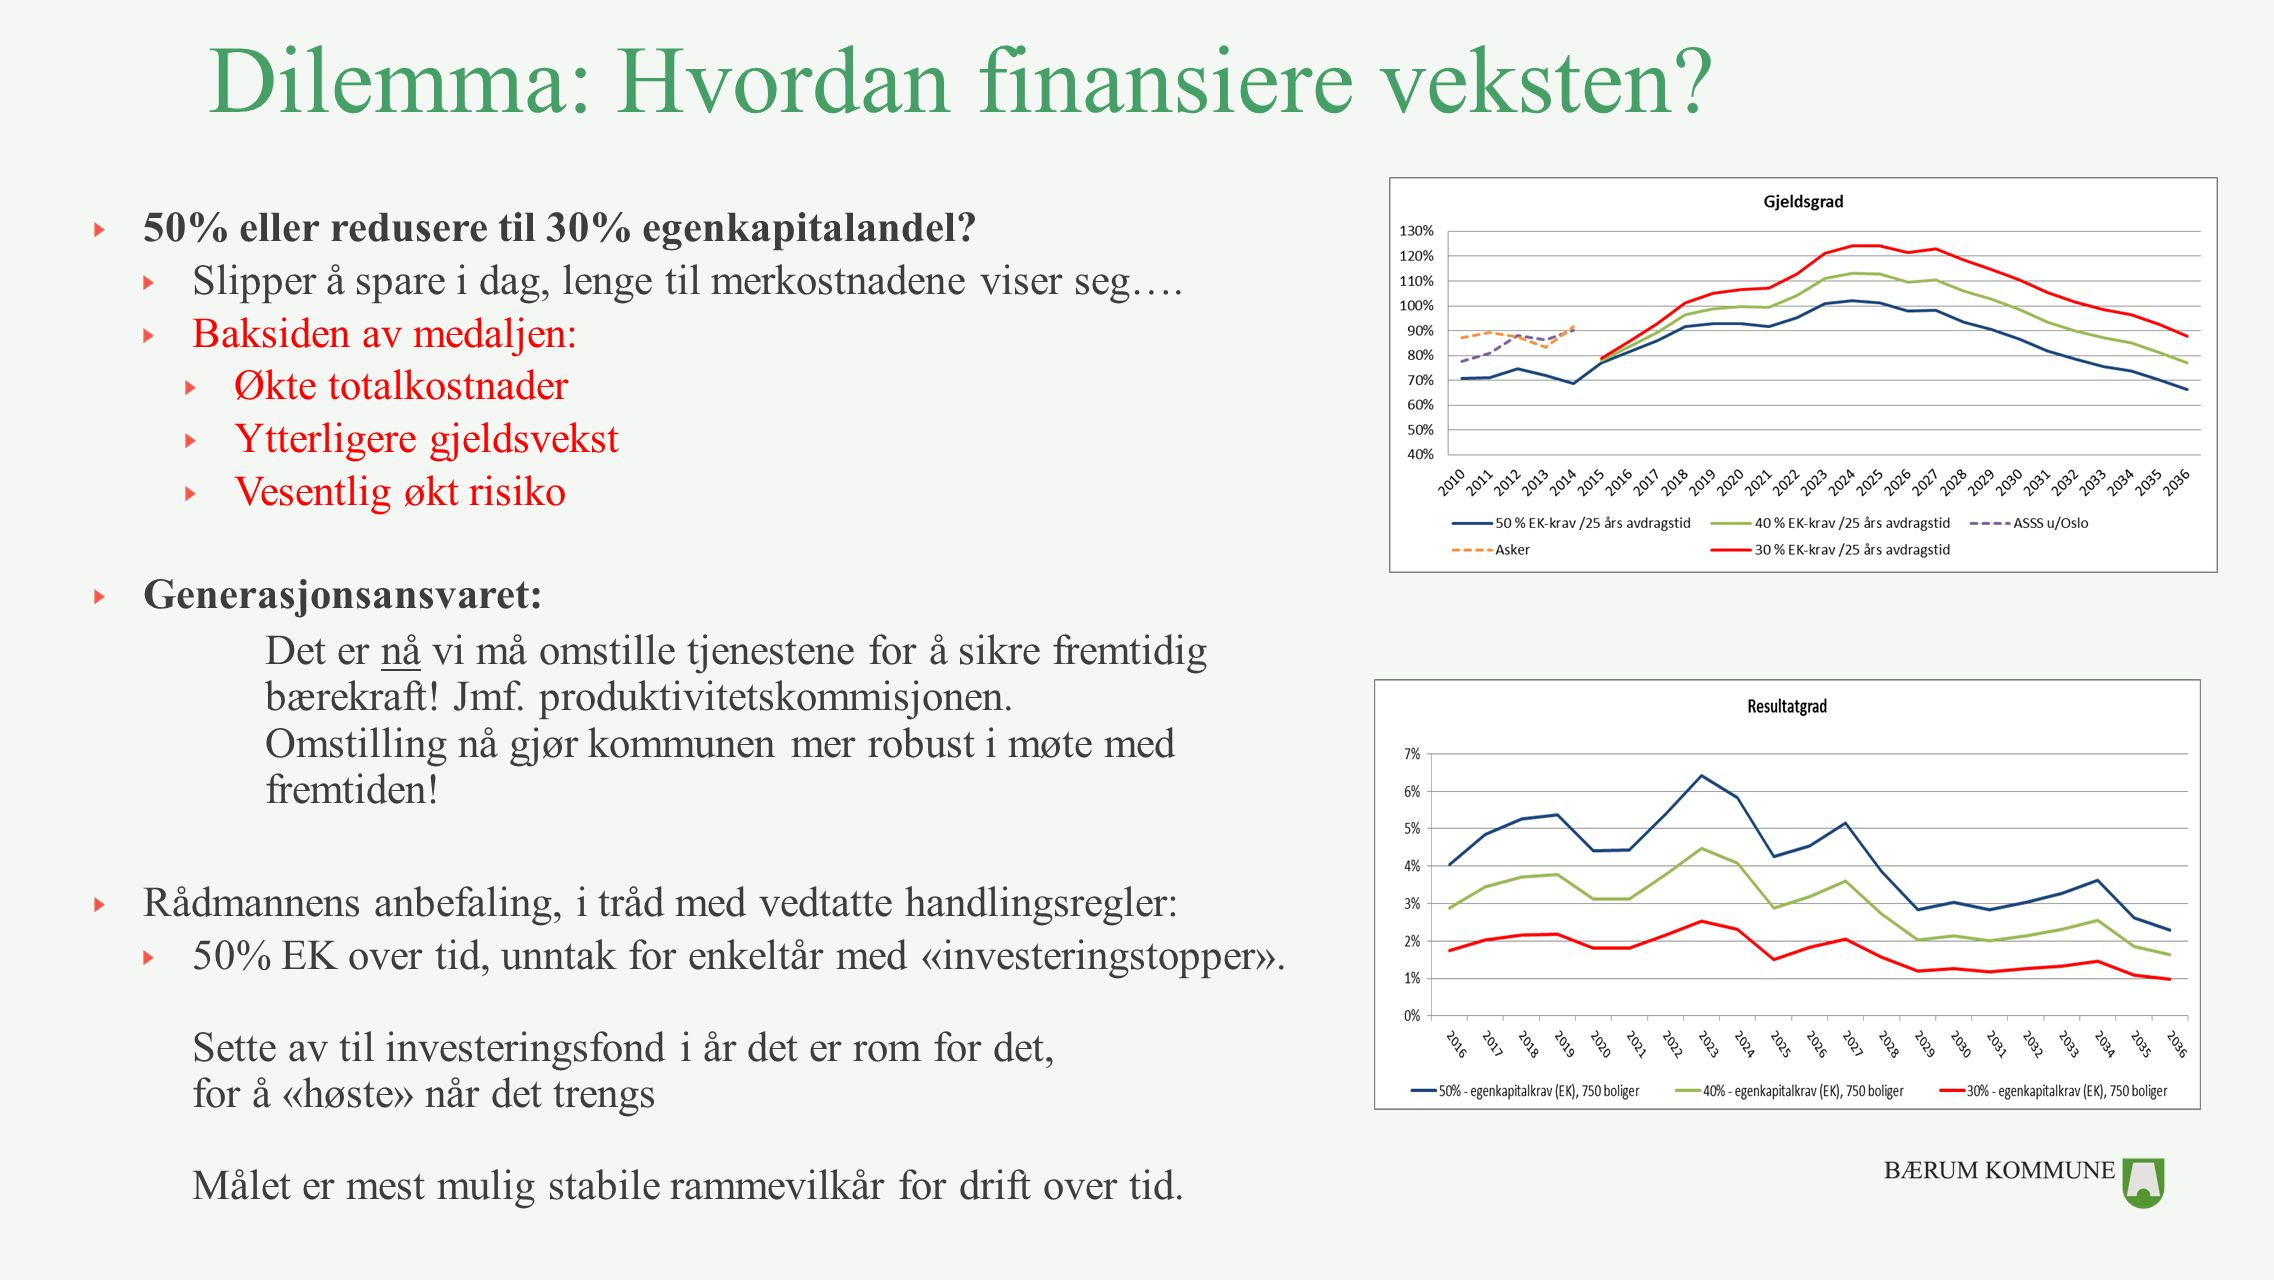 Dilemma: Hvordan finansiere veksten? 50% eller redusere til 30% egenkapitalandel? Slipper å spare i dag, lenge til merkostnadene viser seg…. Baksiden